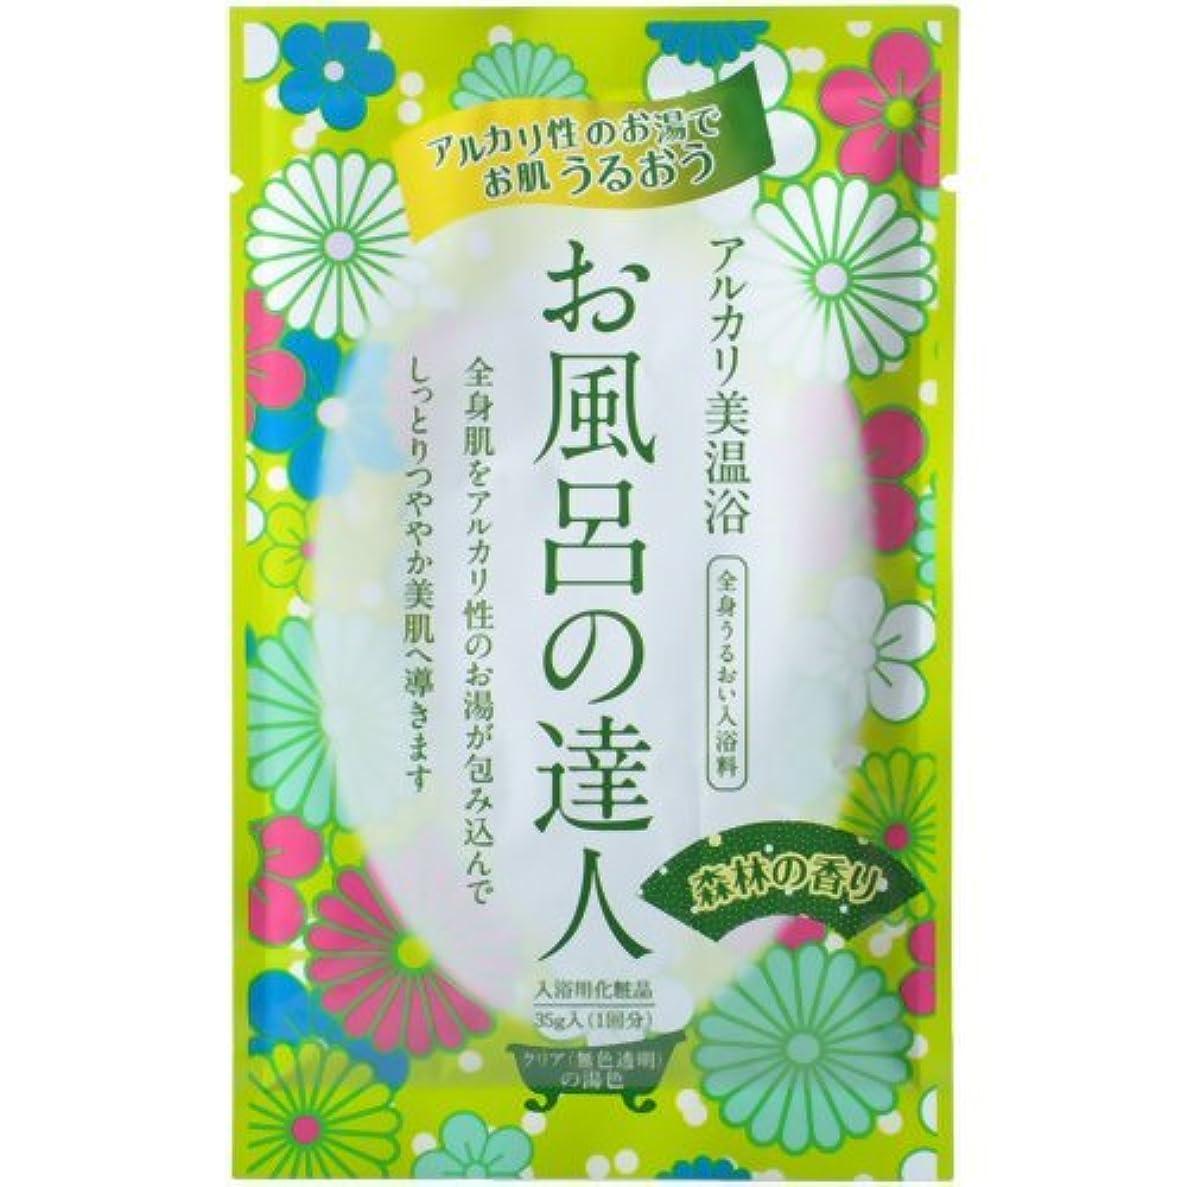 負担天才ヒント五洲薬品(株) お風呂の達人森林の香り 35G 入浴剤